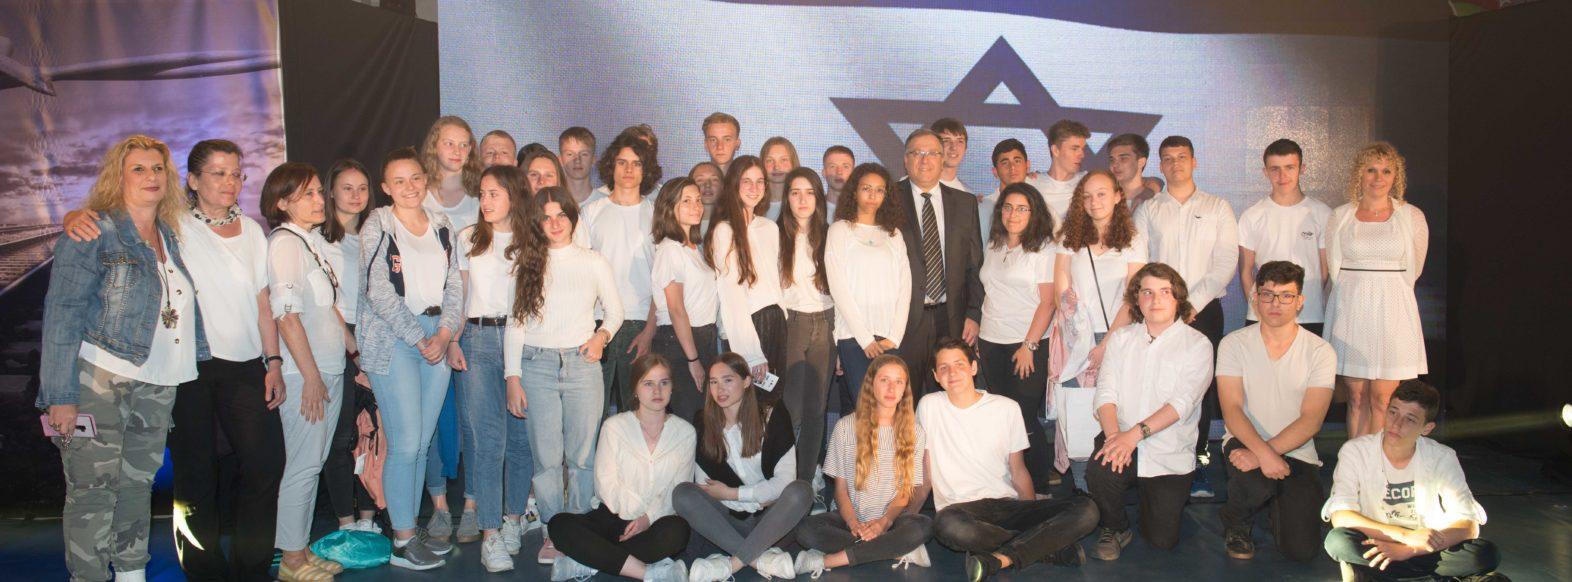 משלחת בני נוער מהיידלברג, גרמניה ביקרה בקרית ביאליק והתארחה במשפחות בני הנוער הישראלים.